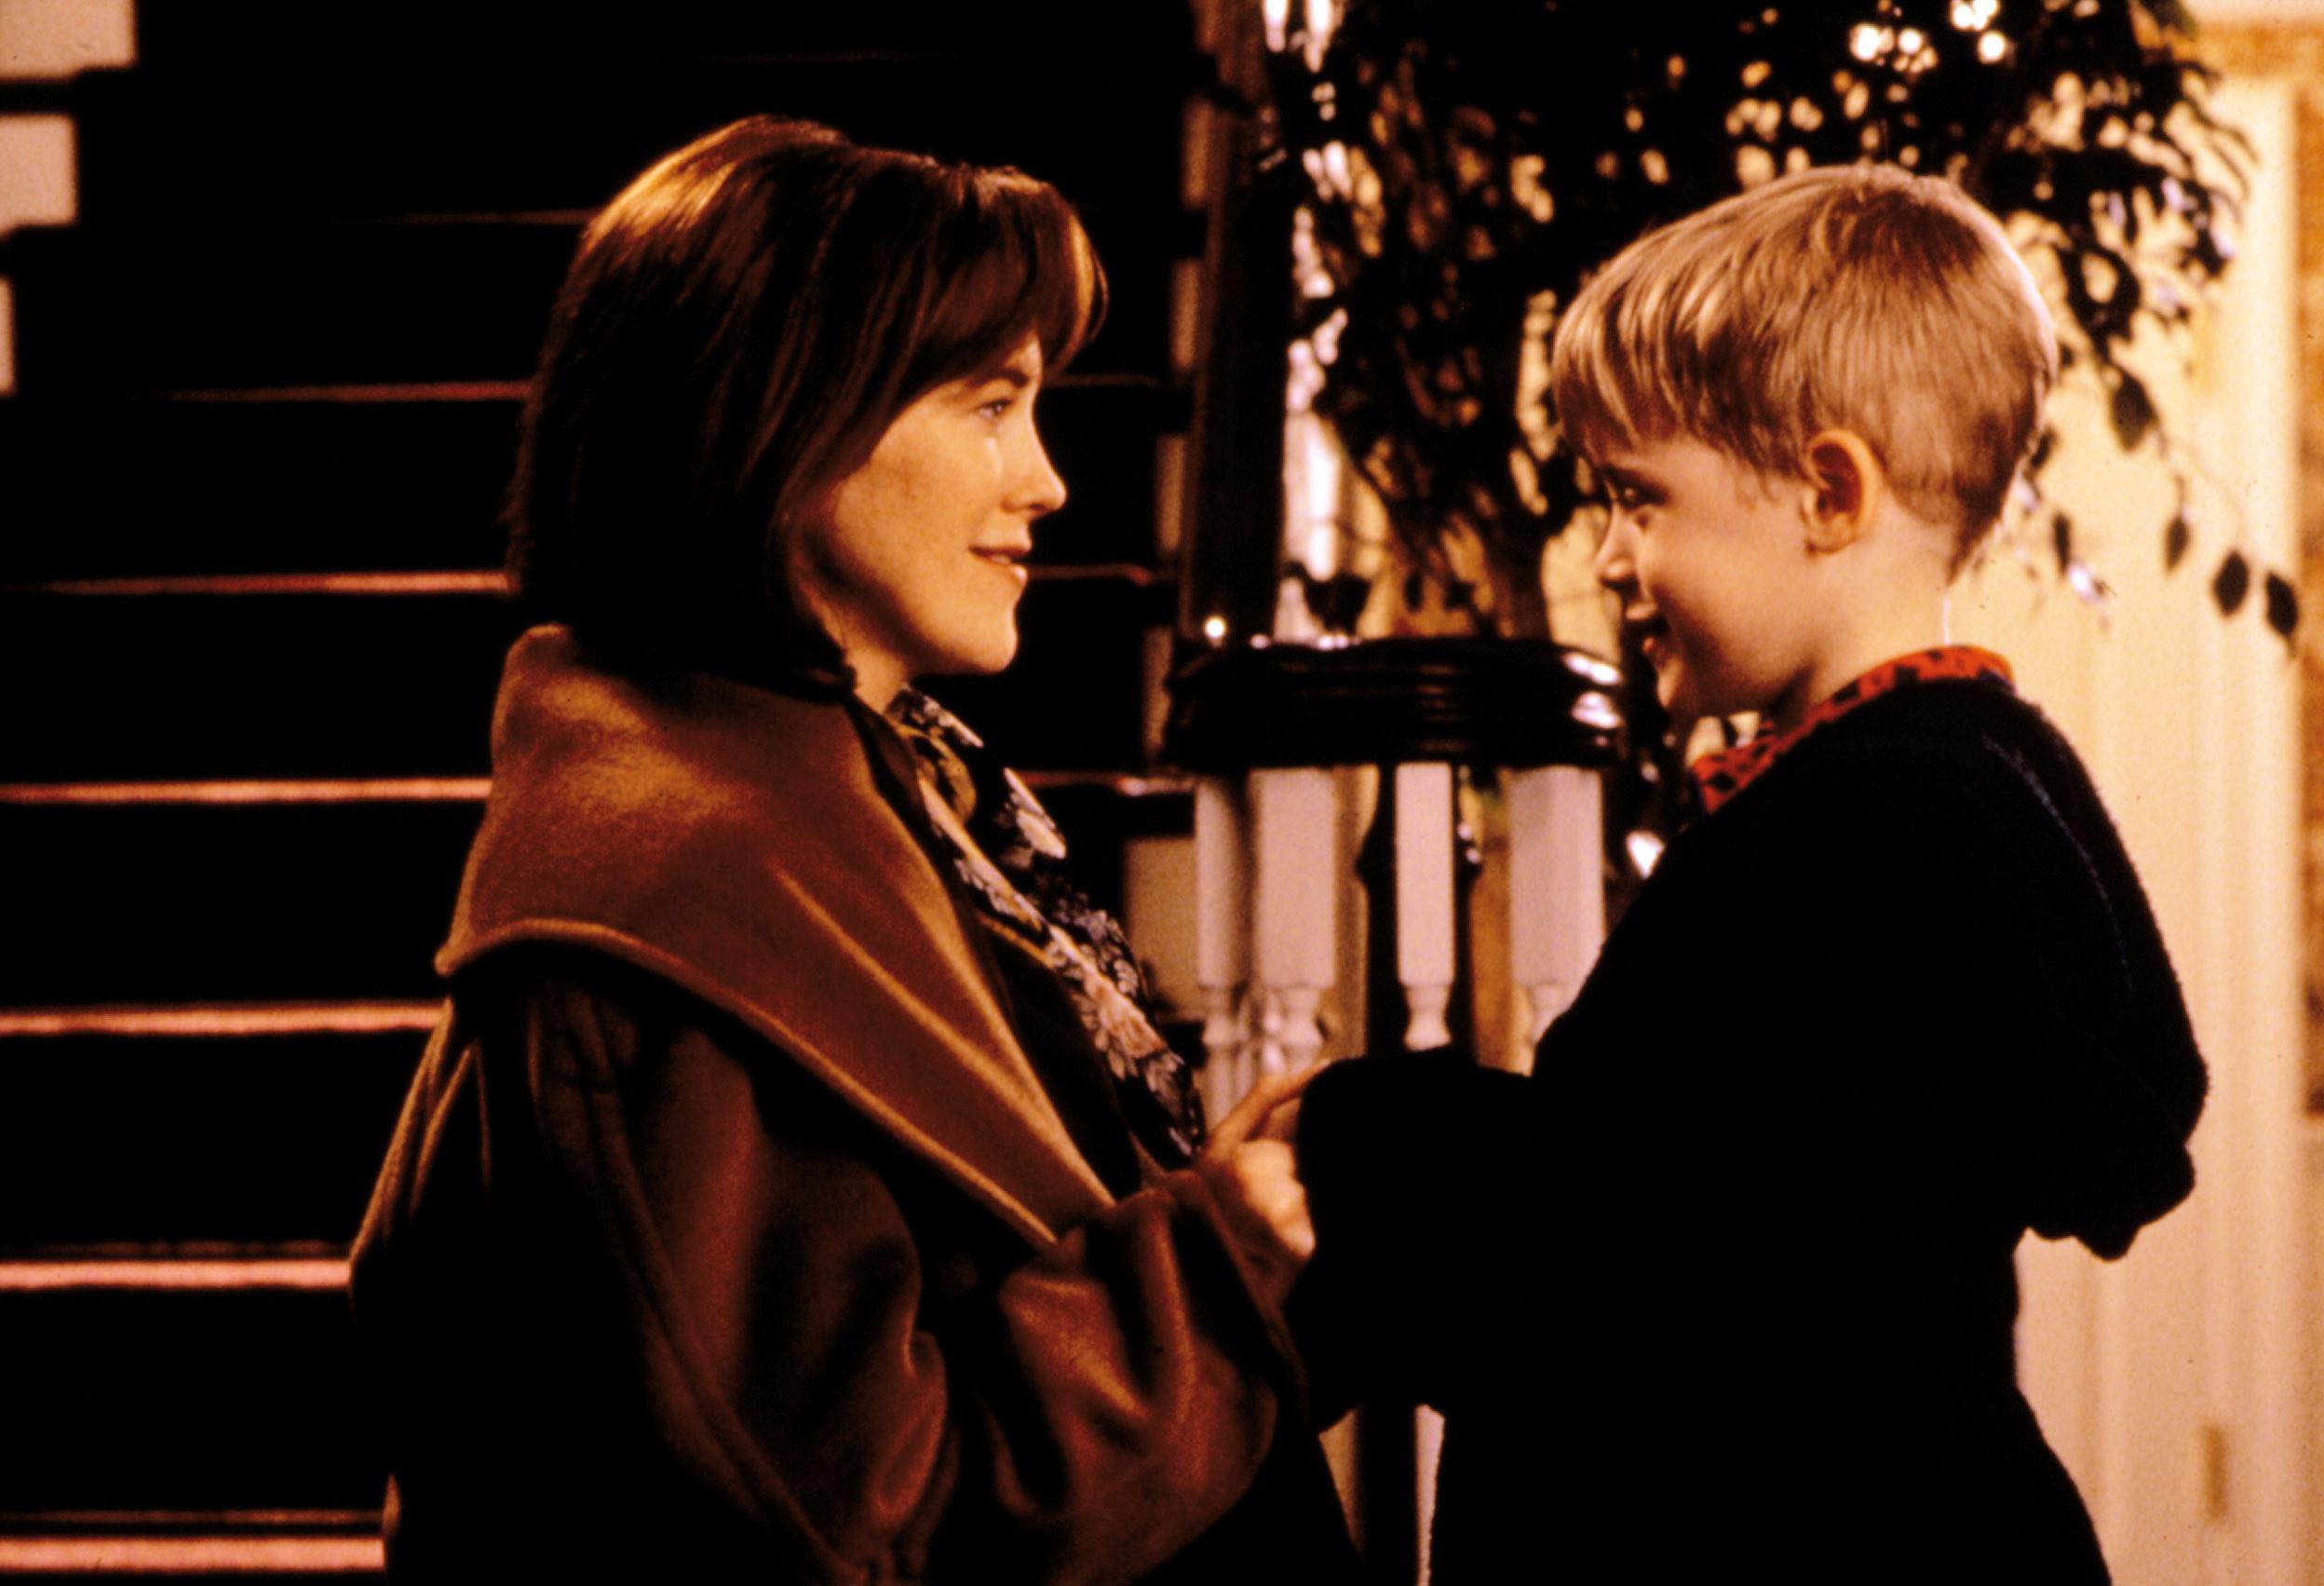 Catherine O'Hara and Macaulay Culkin in Home Alone